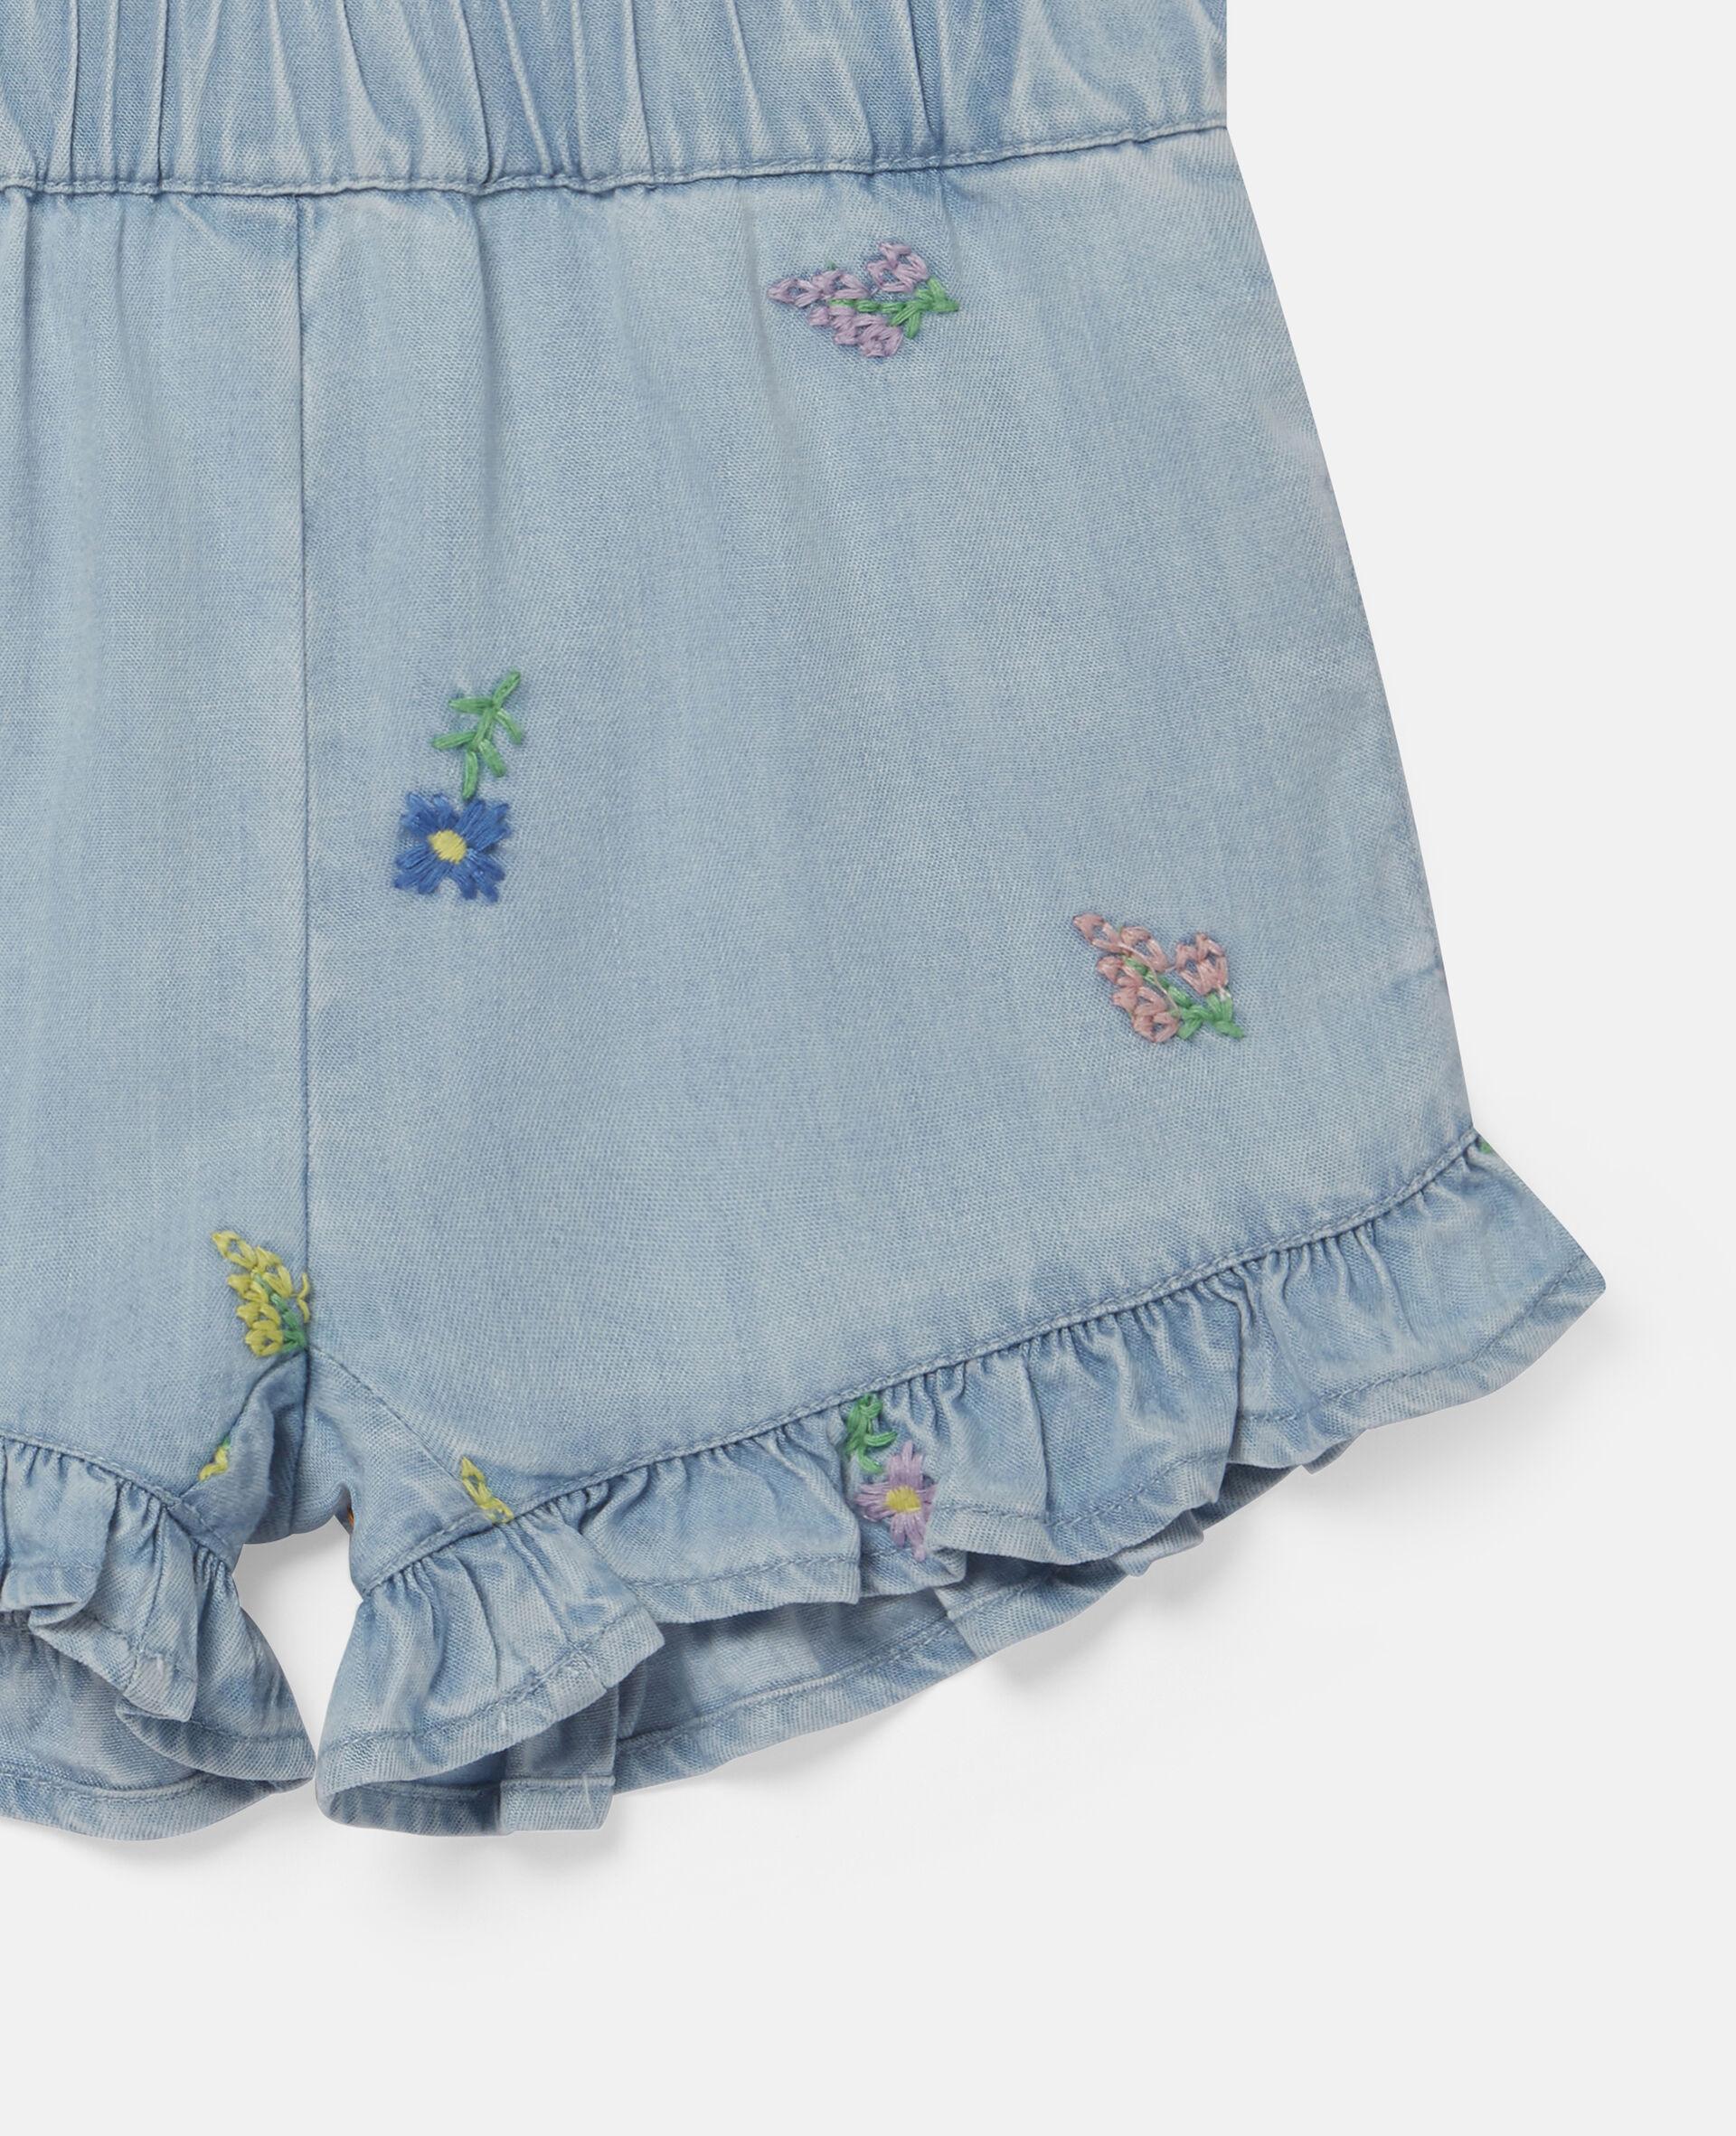 Denim-Shorts mit Blumenstickerei-Blau-large image number 2